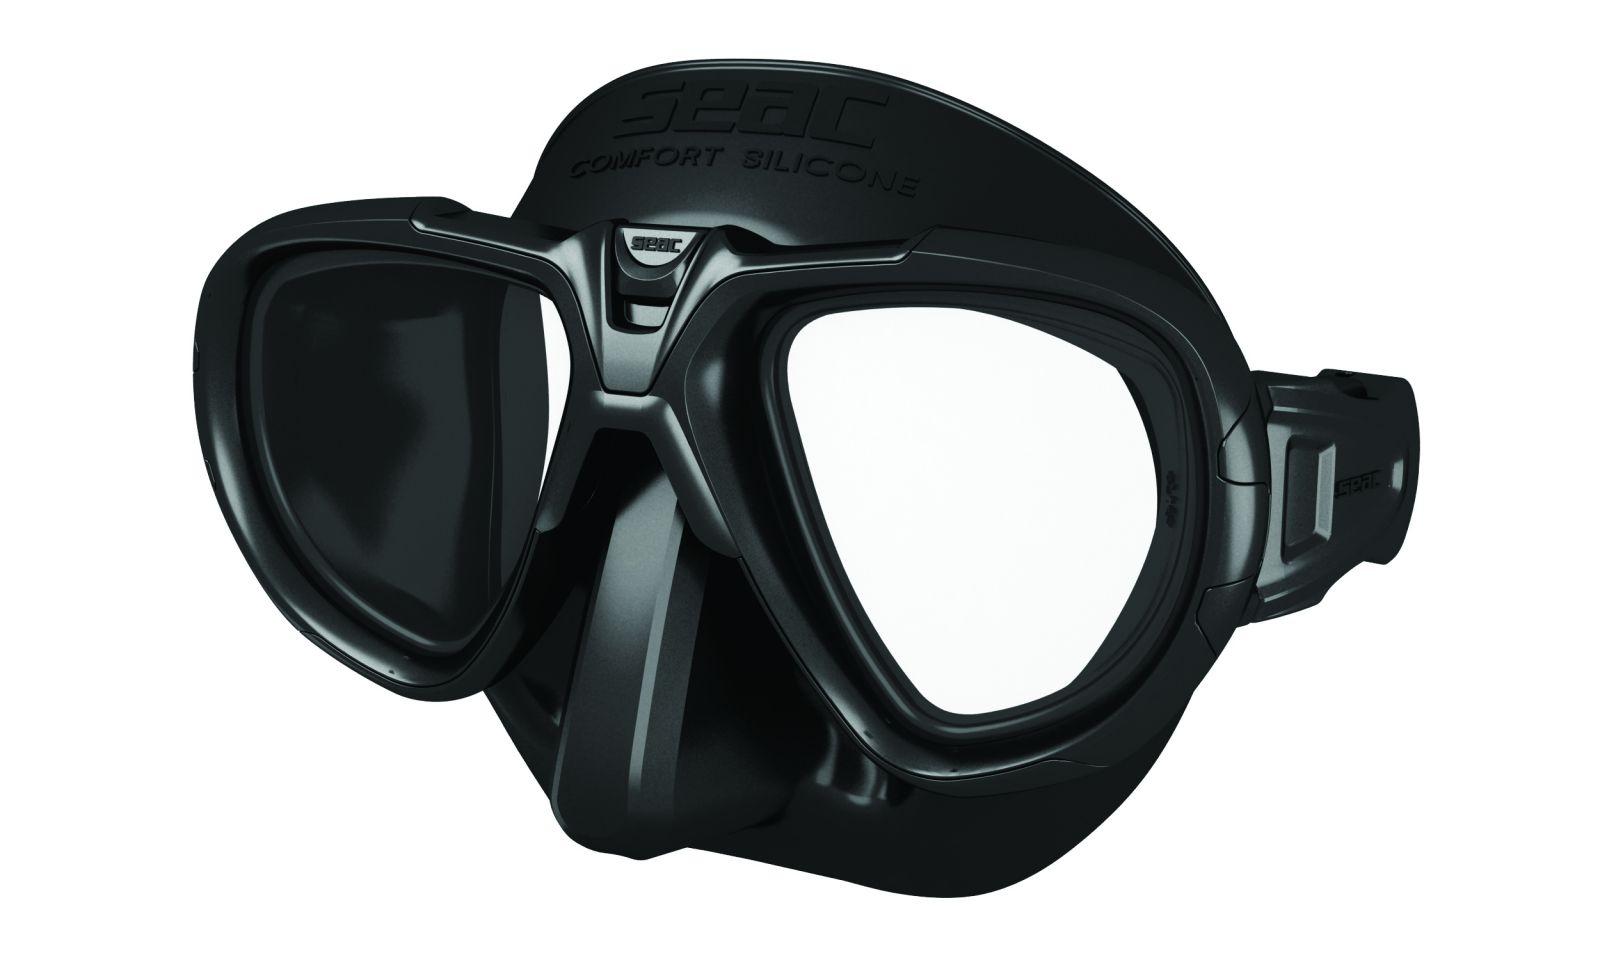 FOX silikonová maska s temperovanými skly - černá SEAC SUB